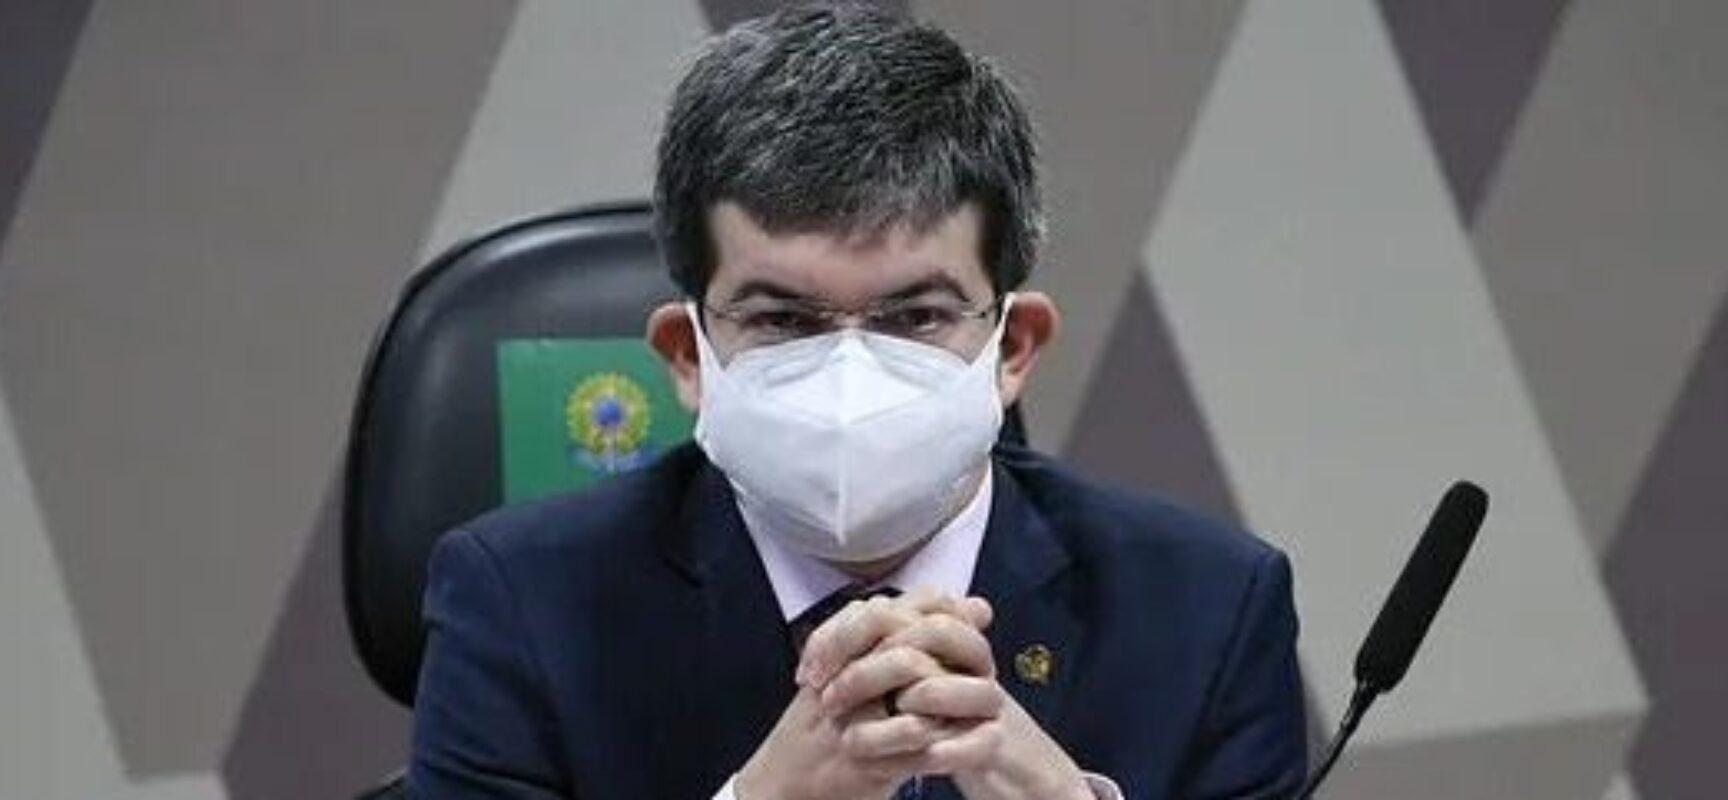 Governo ignorou 53 e-mails de ofertas feitas pela Pfizer, diz Randolfe Rodrigues